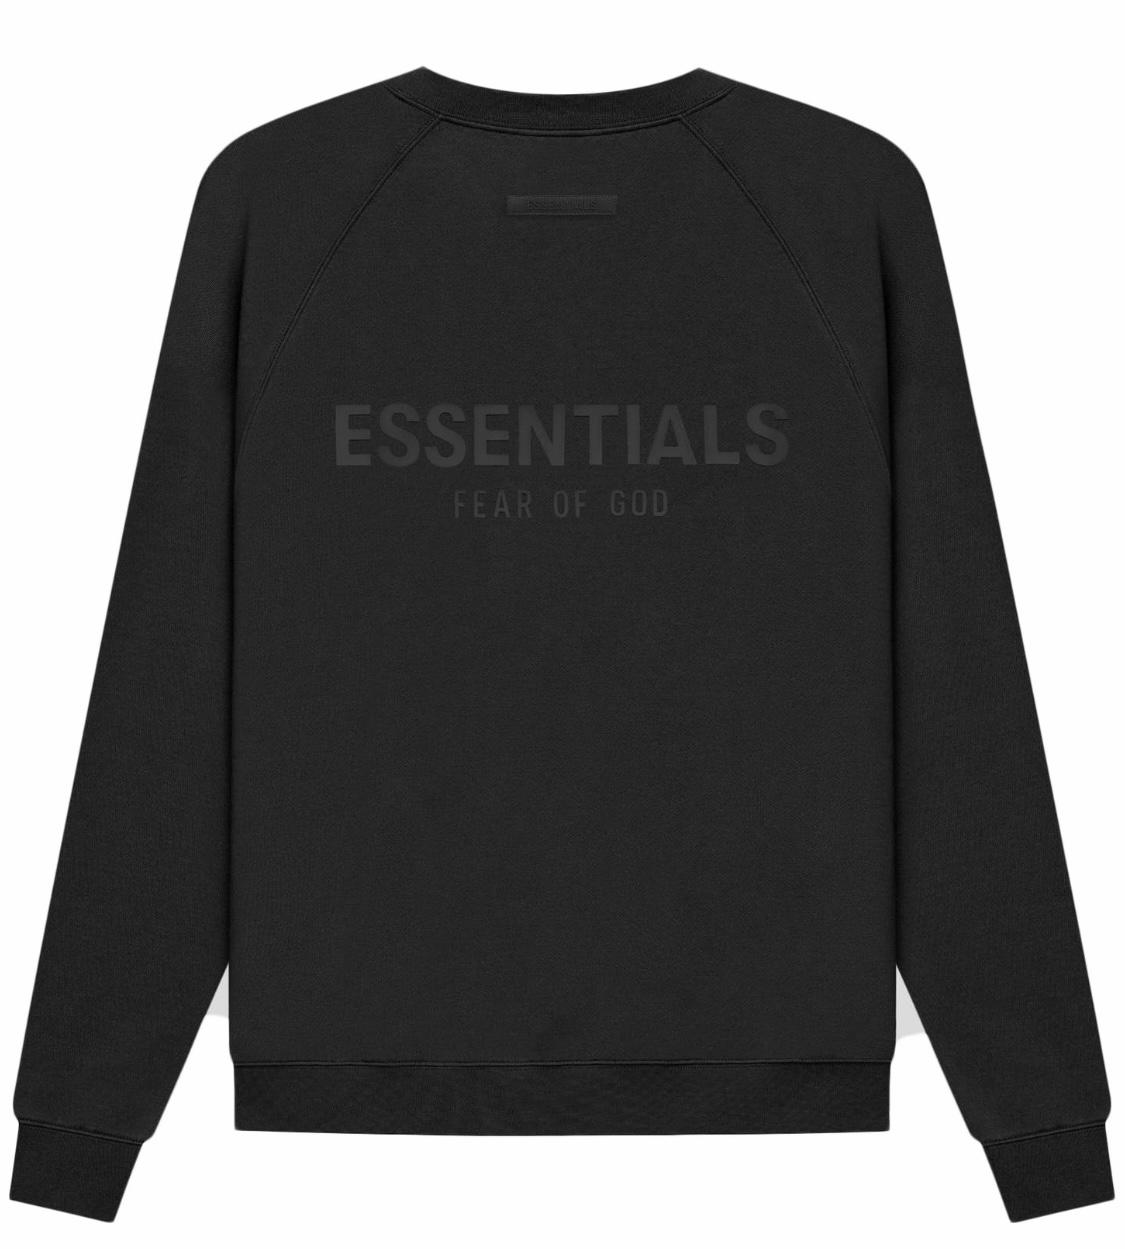 Fear of God Essentials Crewneck Black Size S